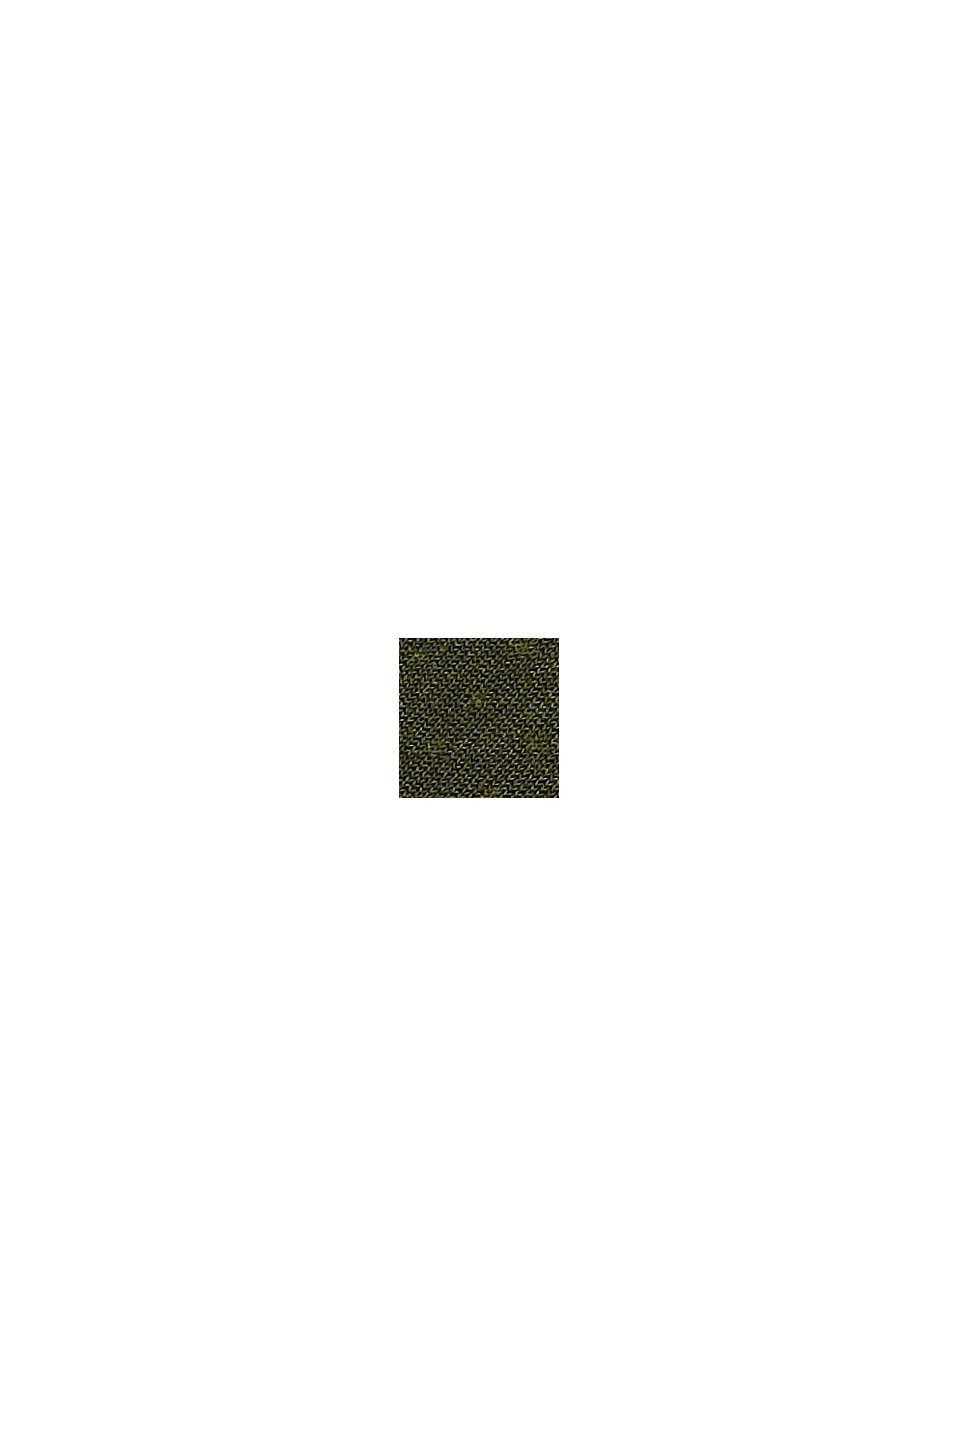 Calze con bordino effetto a conchiglia, in misto cotone, MILITARY, swatch